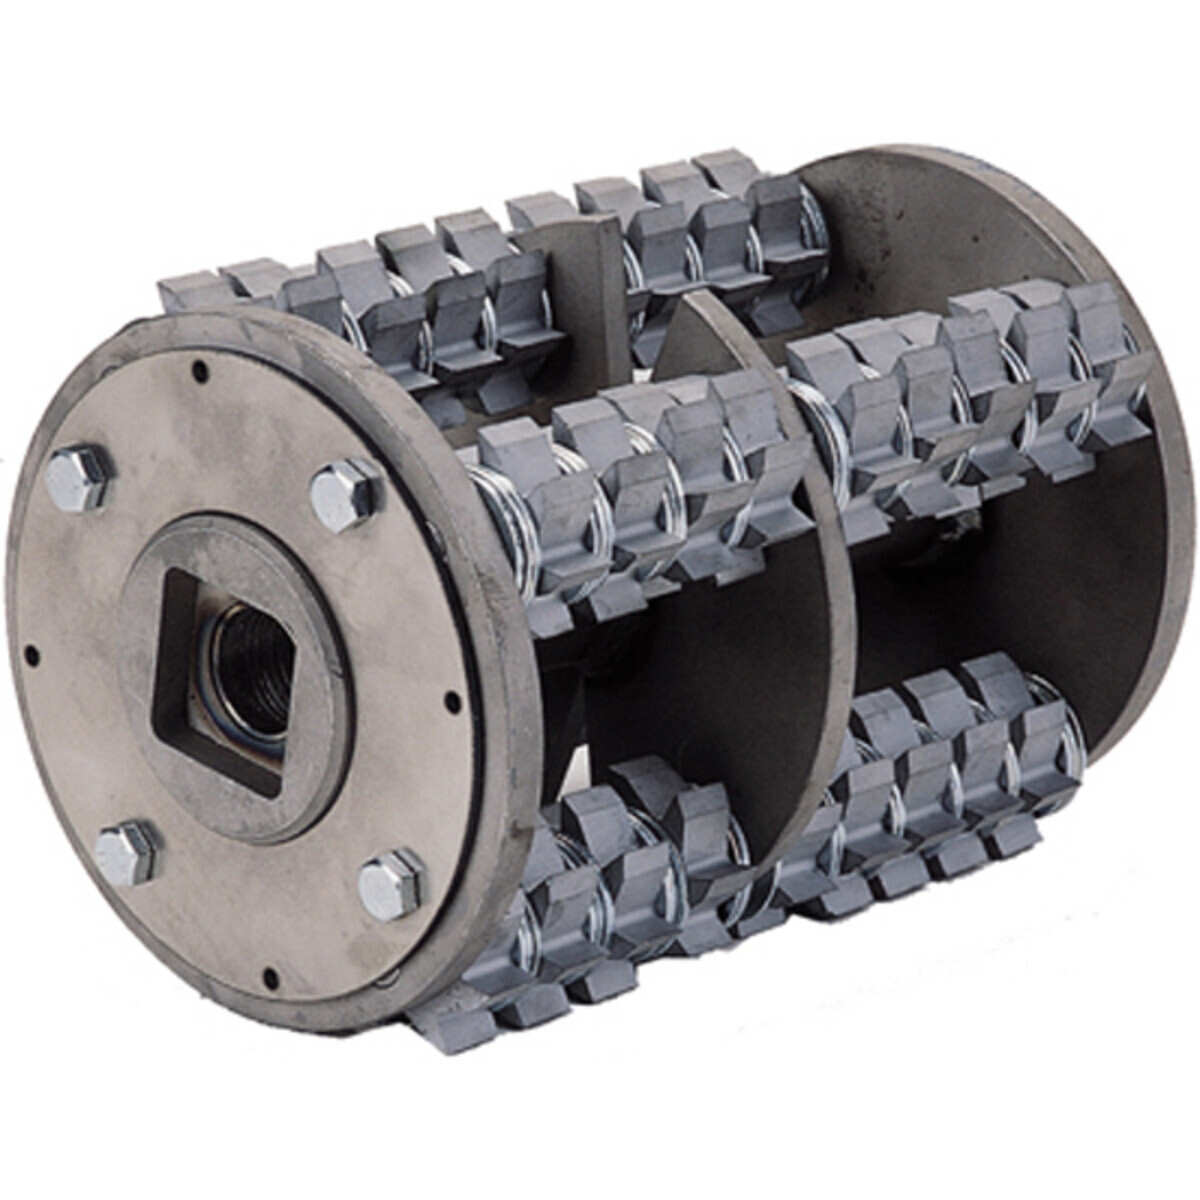 Husqvarna Scarifier carbide cutters